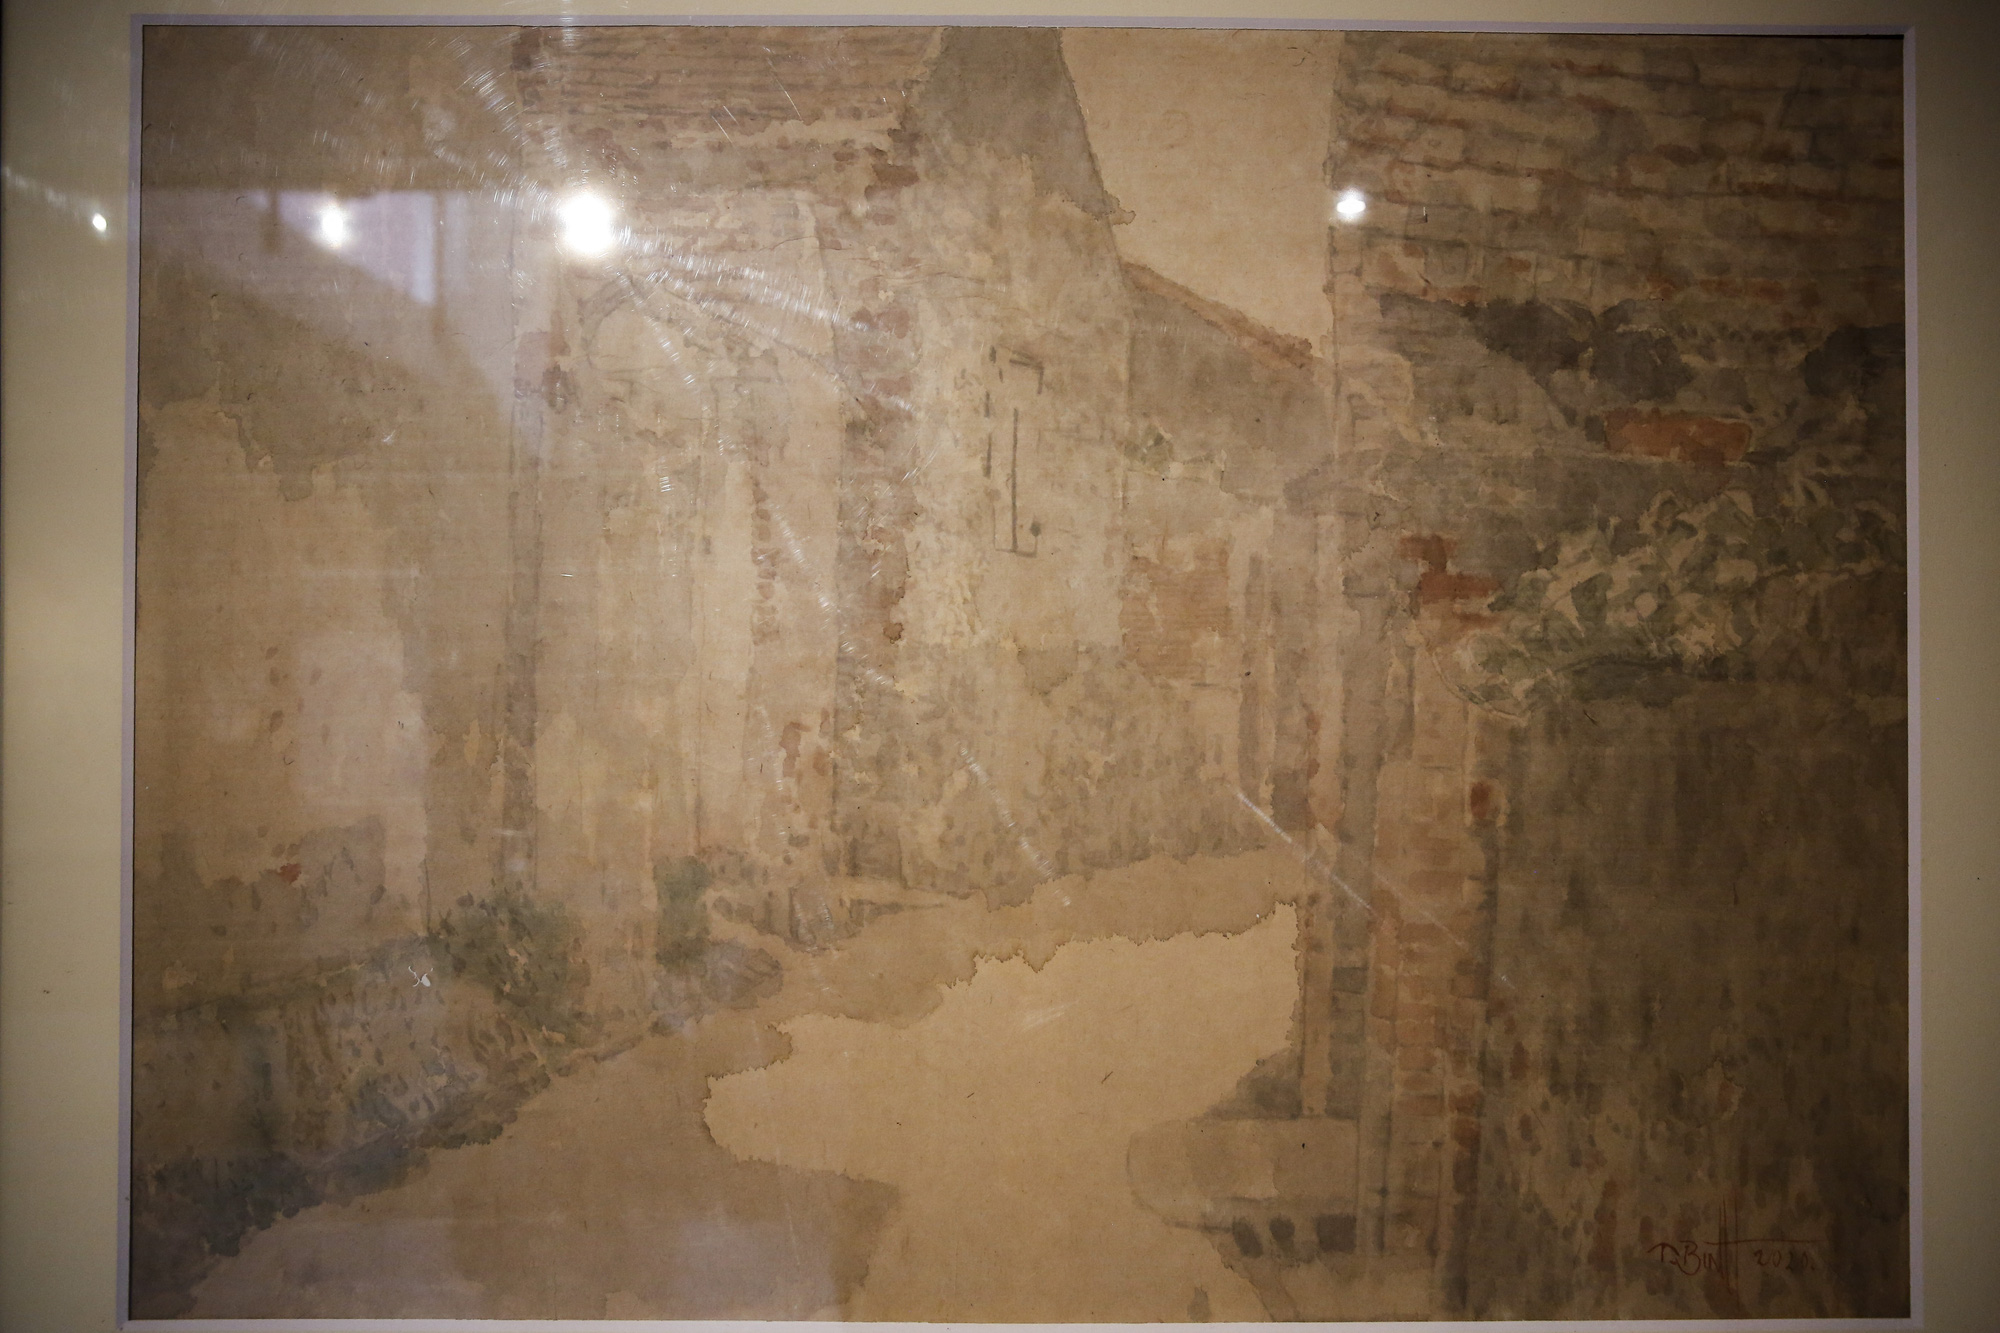 Chiêm ngưỡng không gian tranh giấy dó truyền thống đặc biệt tại Hà Nội - Ảnh 8.